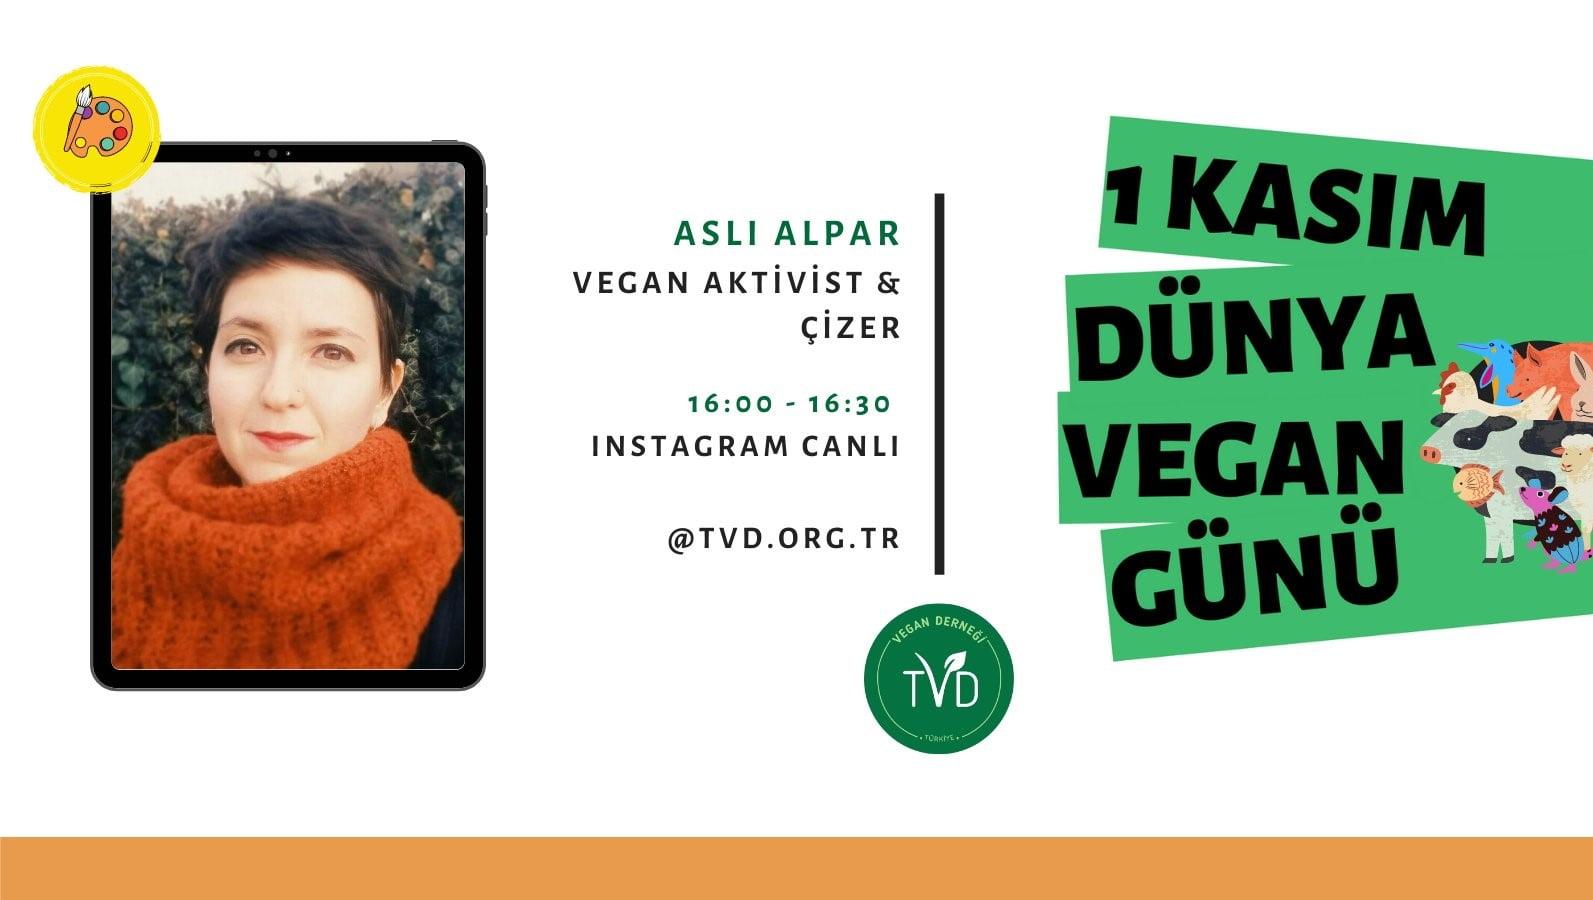 Dünya Vegan Günü Online Etkinlikle Kutlanacak-3-